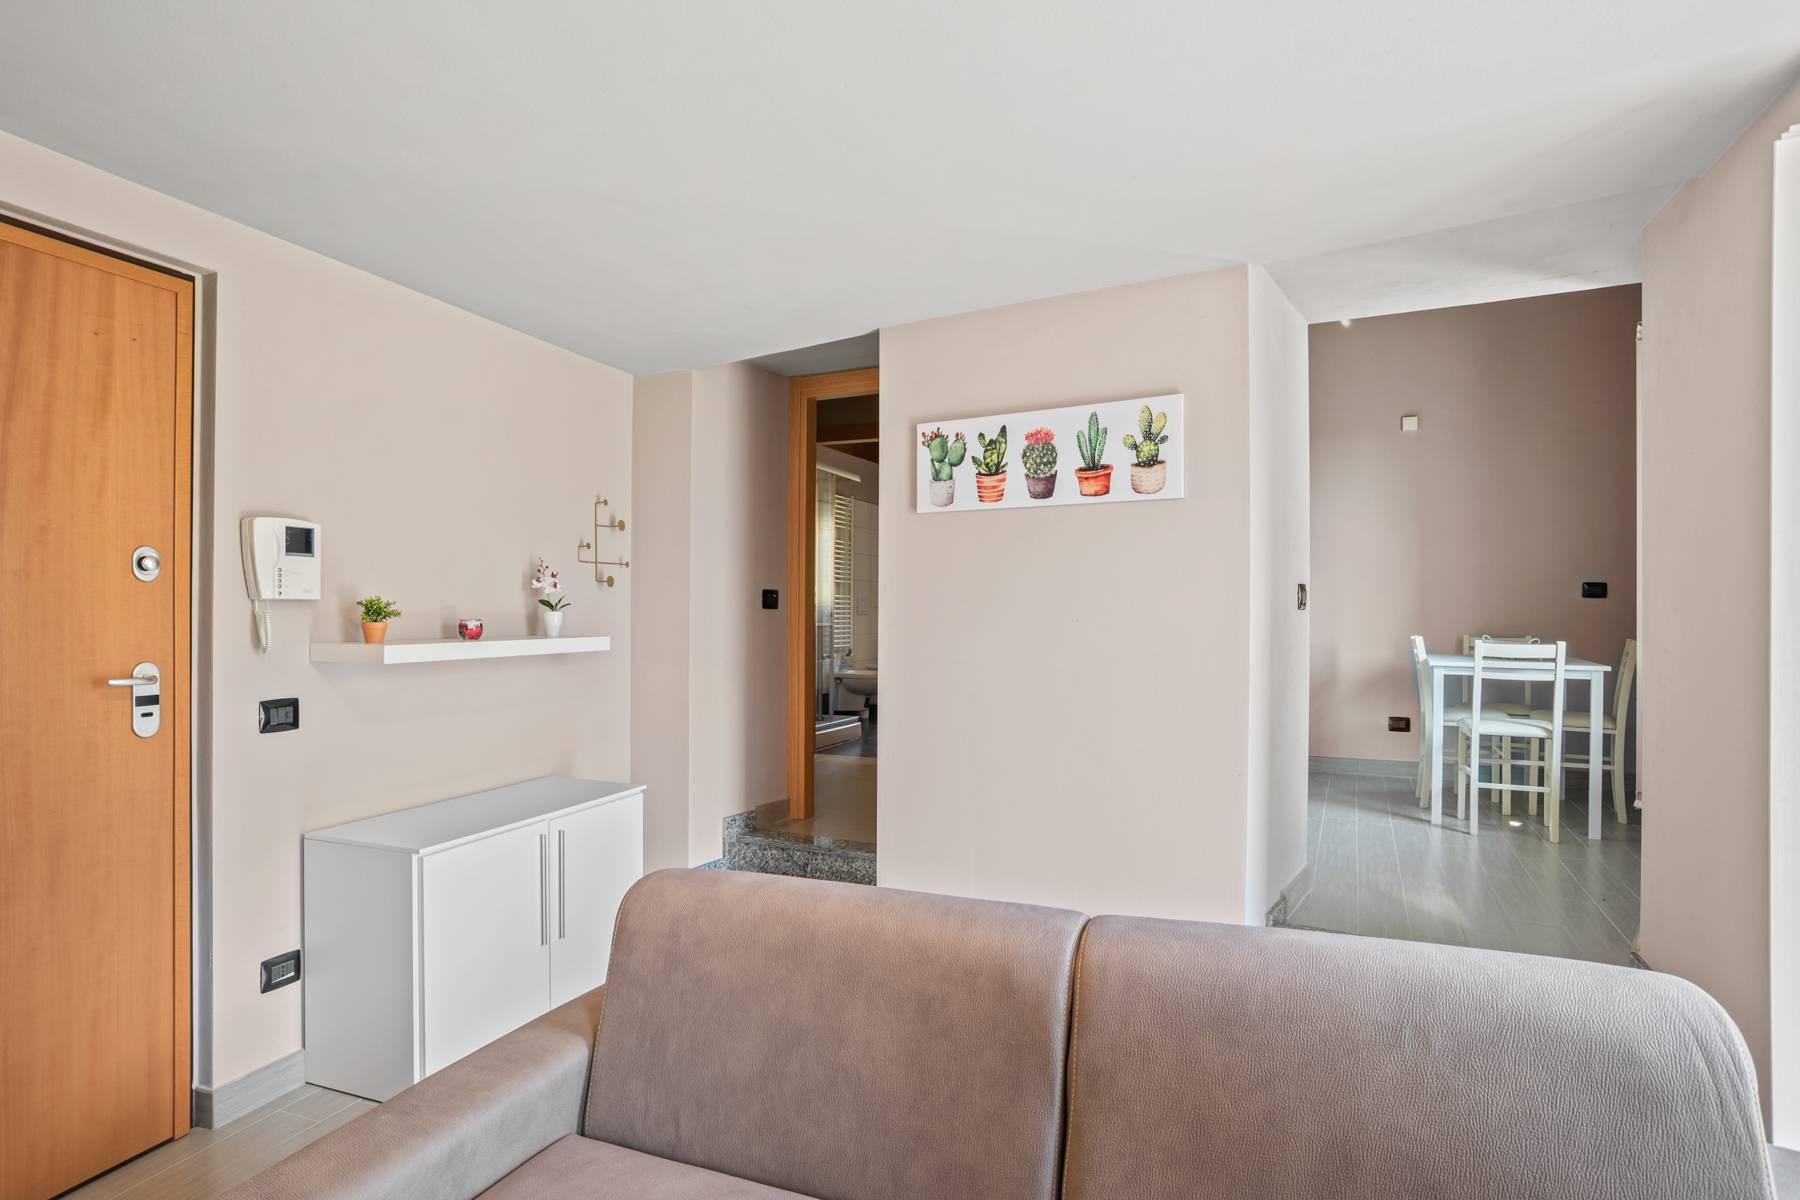 Appartamento in Vendita a Castelveccana: 3 locali, 82 mq - Foto 4